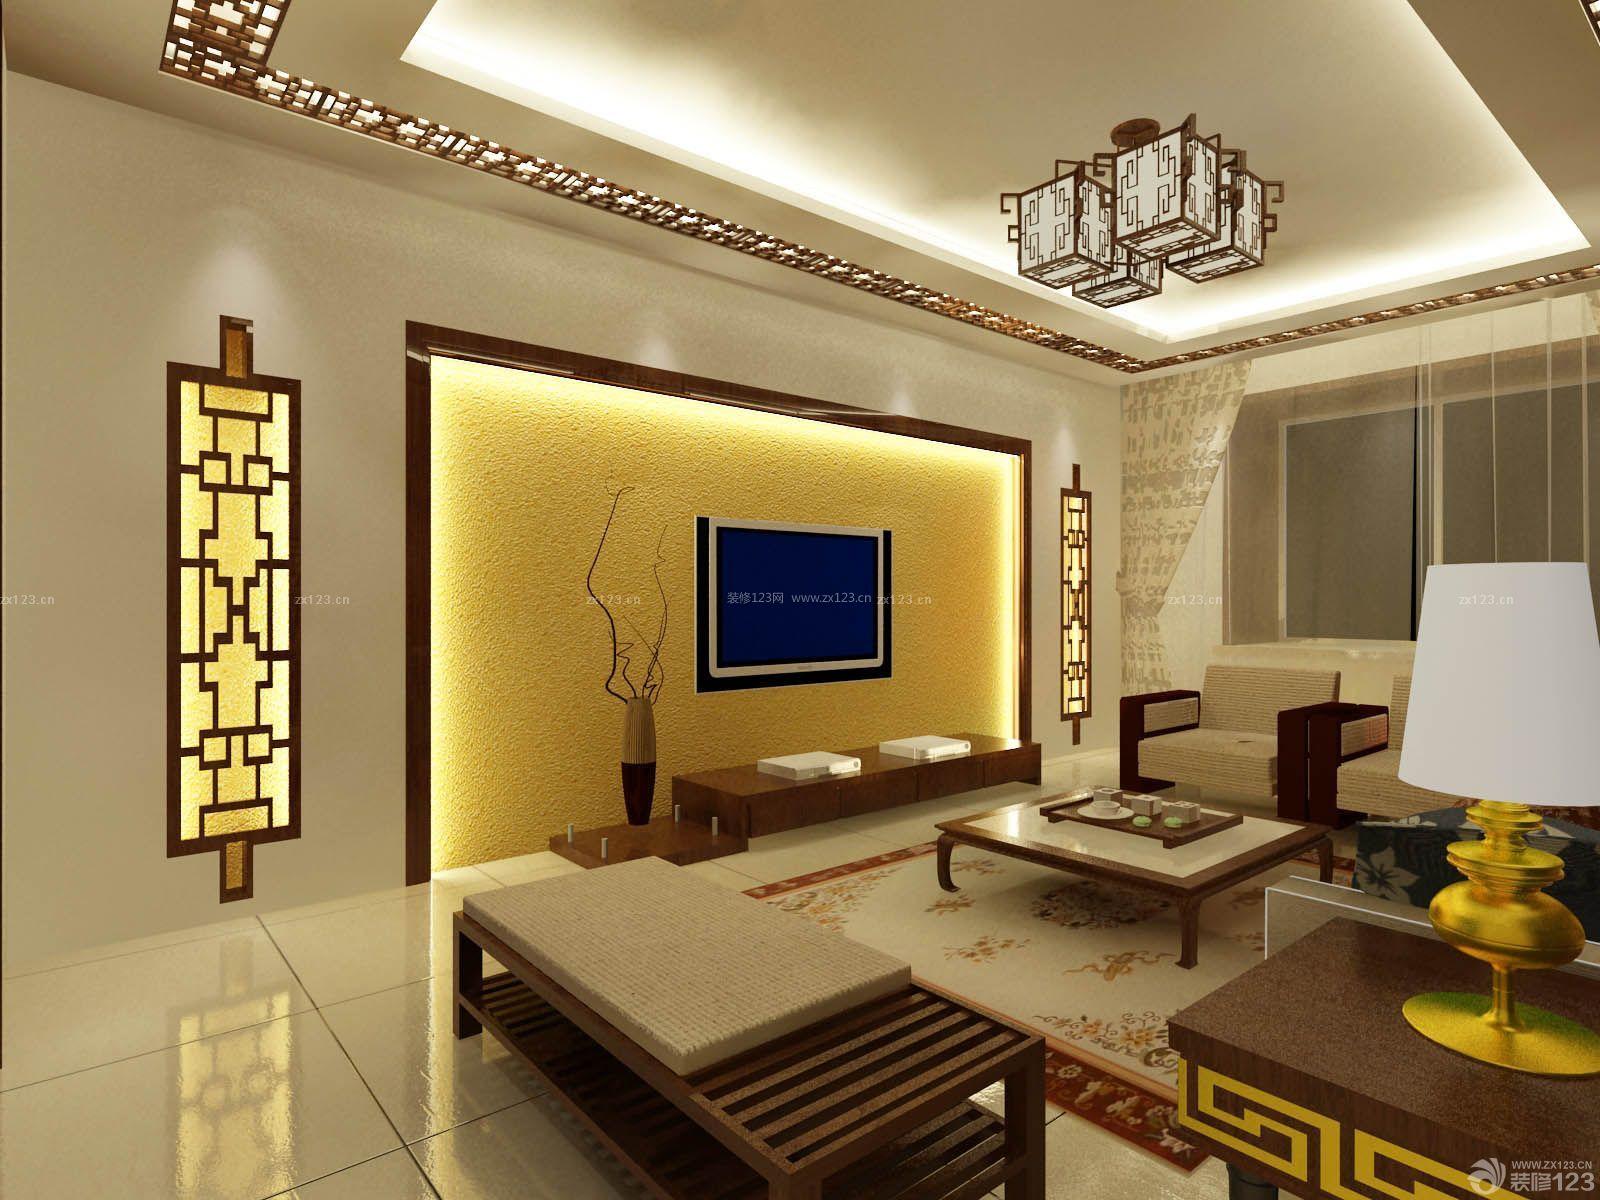 中式古典风格硅藻泥背景墙木质沙发实景图图片